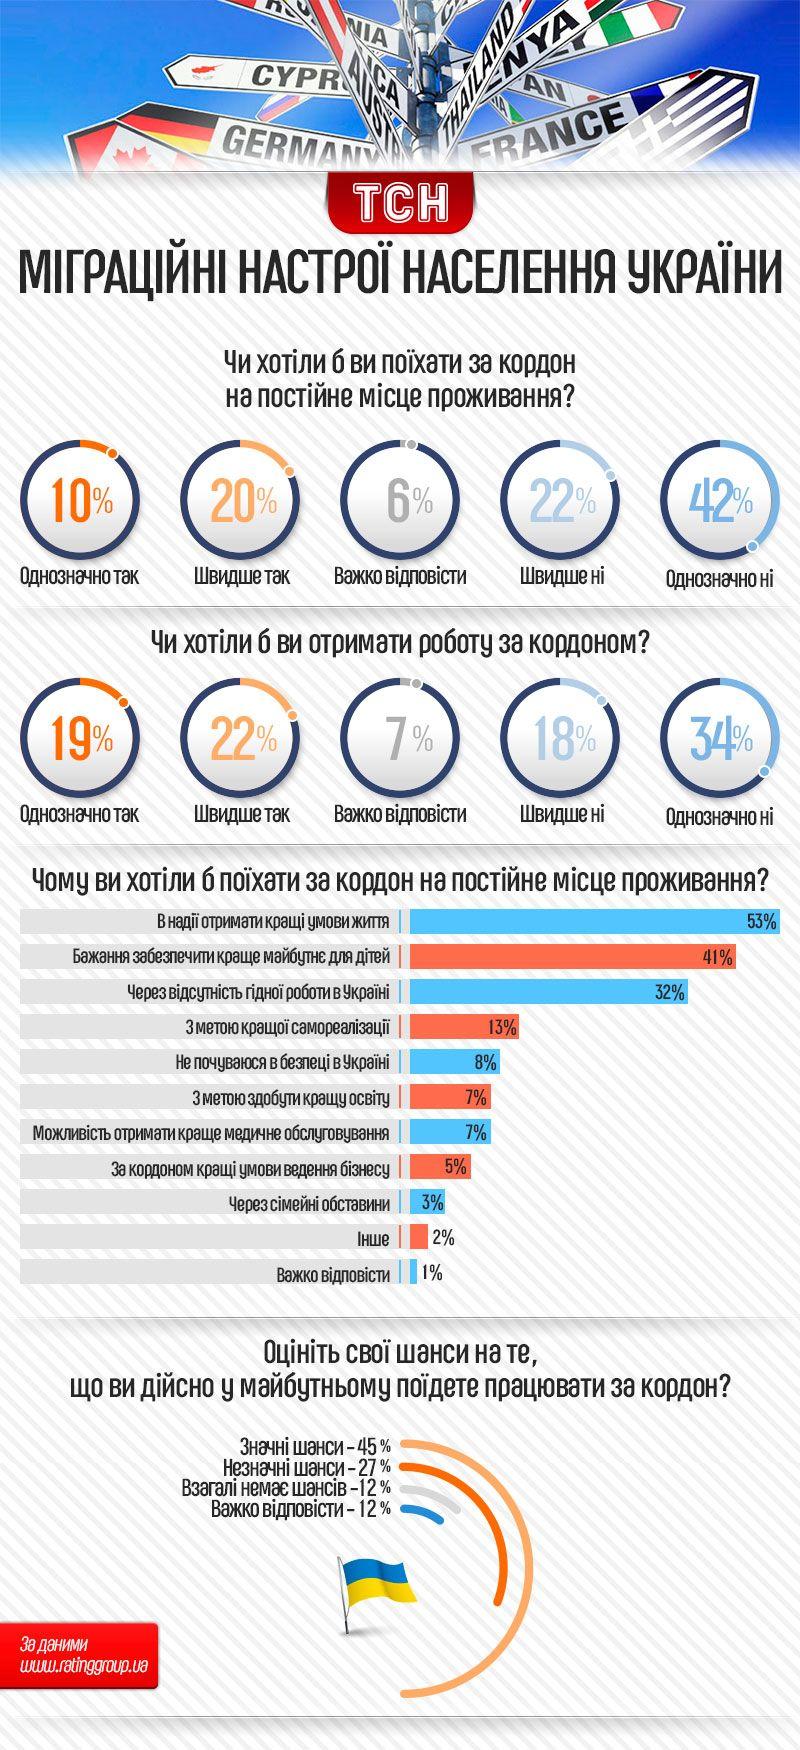 міграційні настрої українців